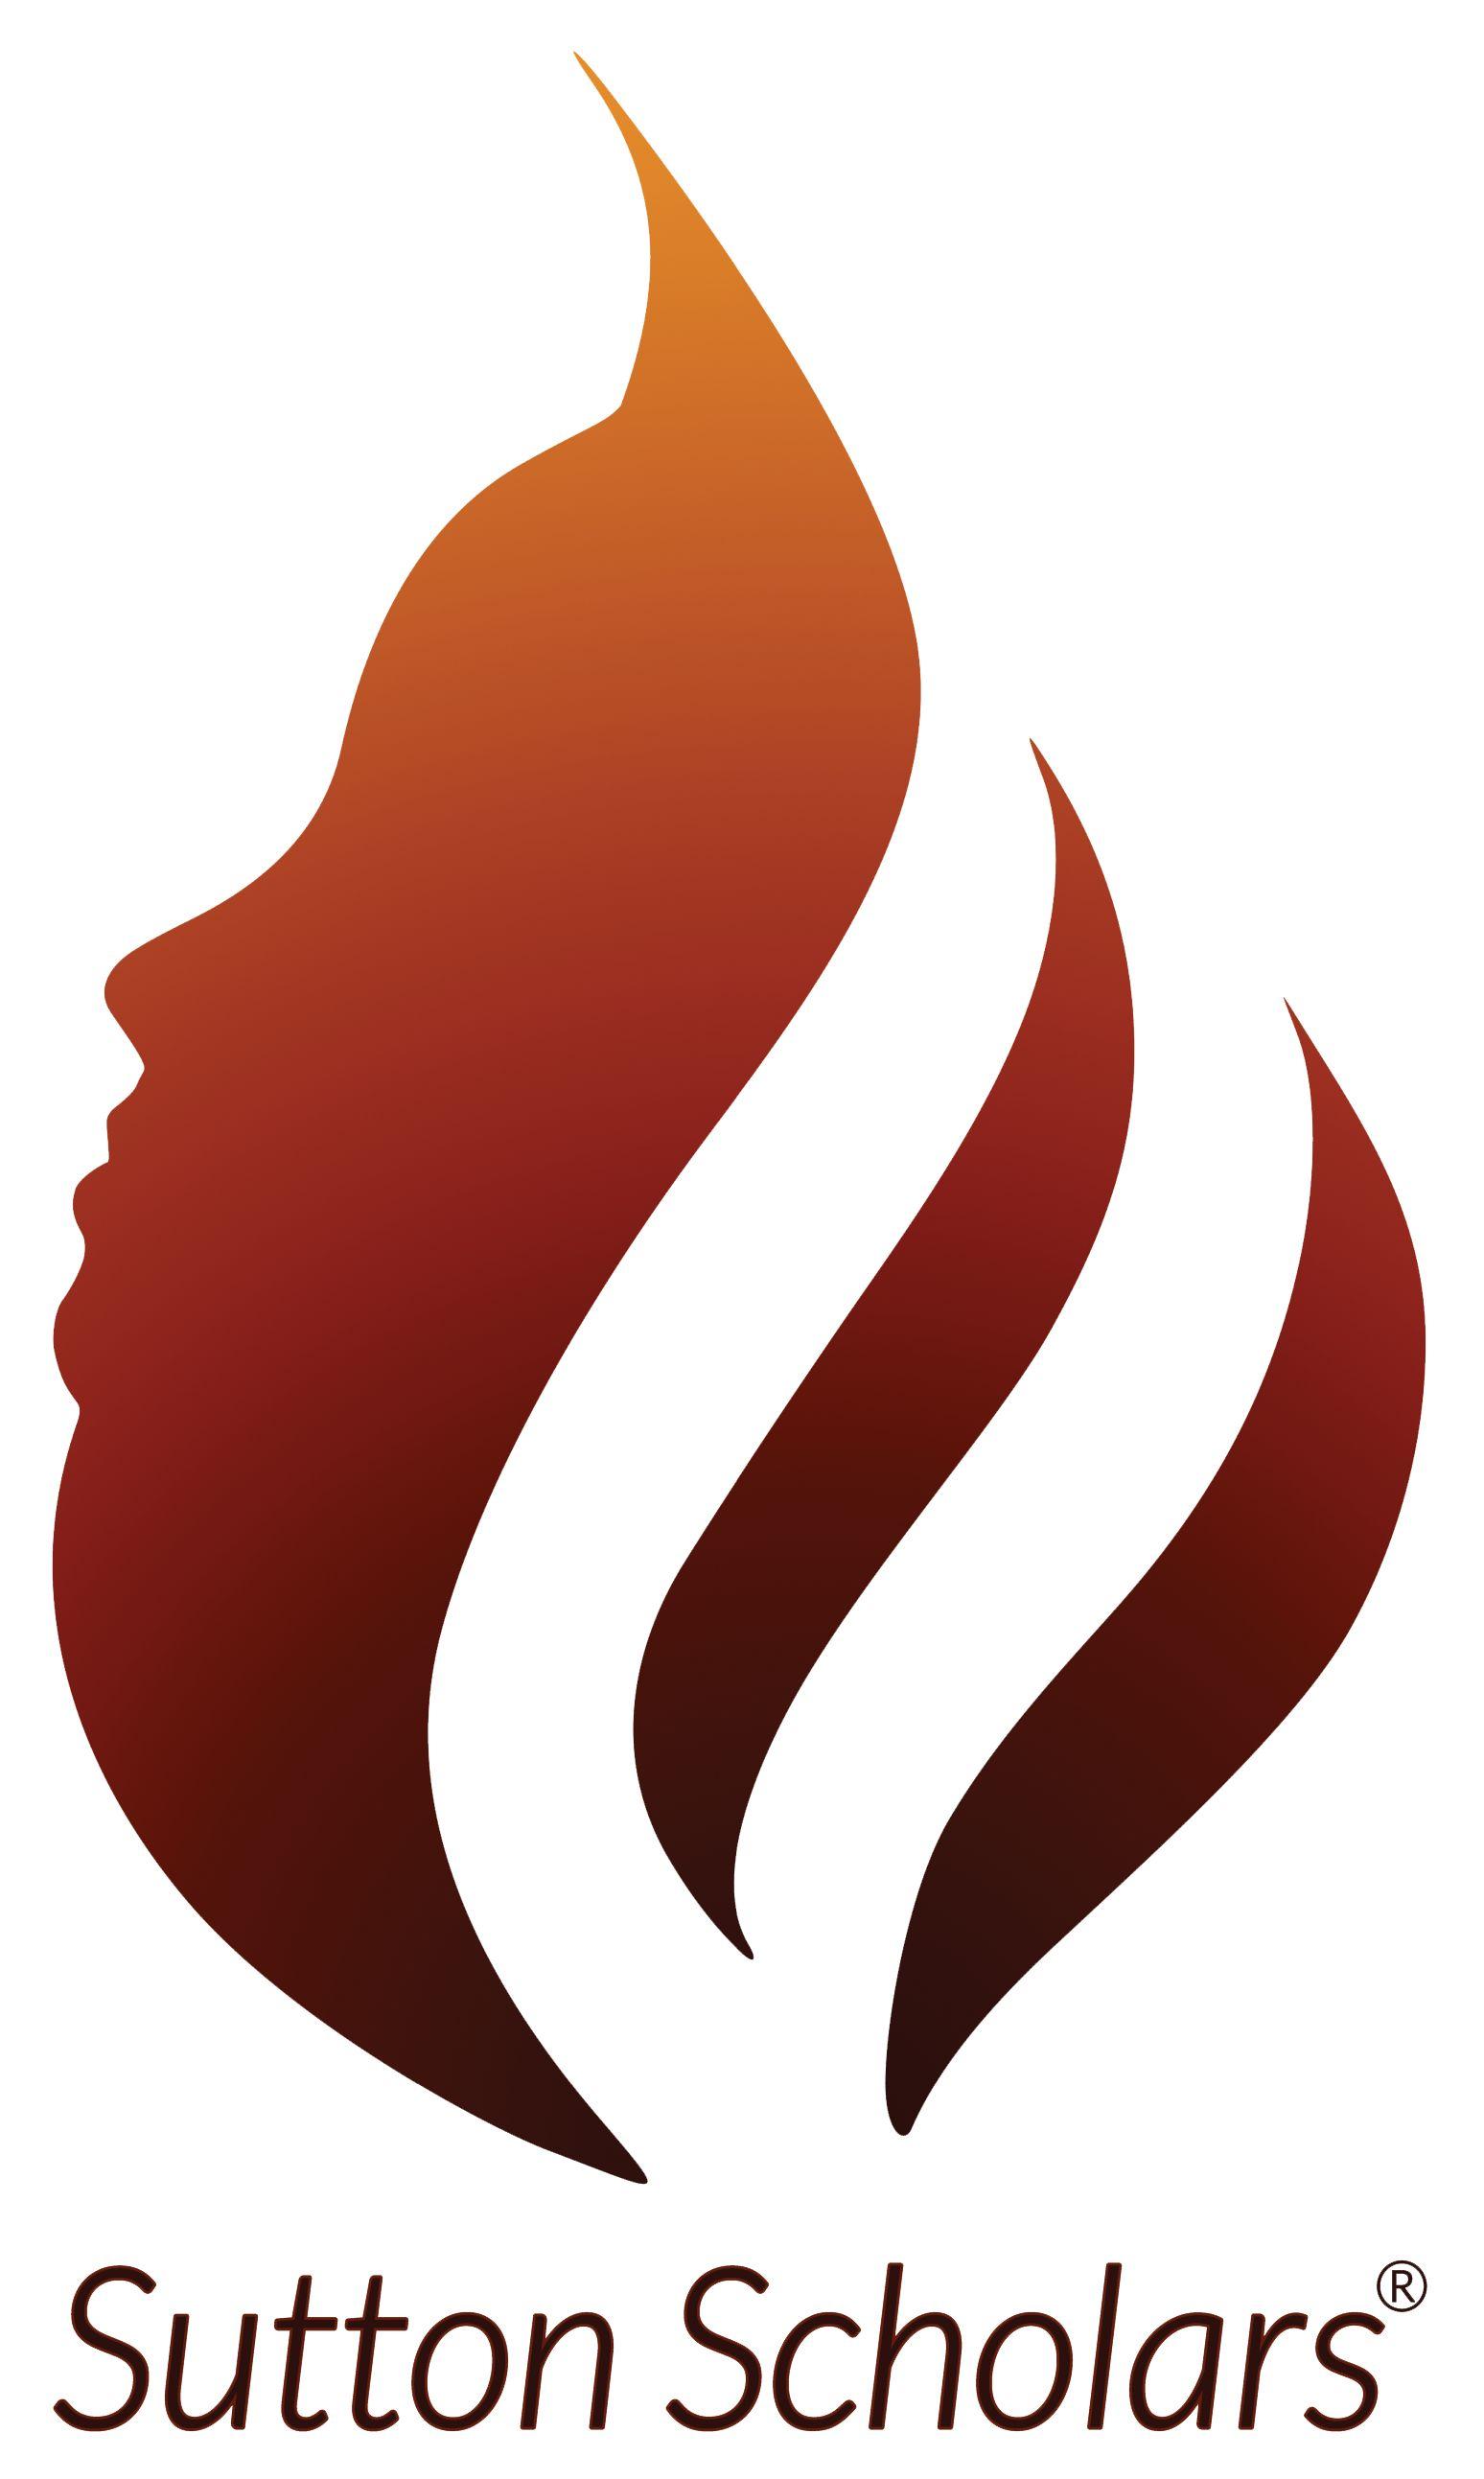 Sutton Scholars logo 5-15-18.jpg